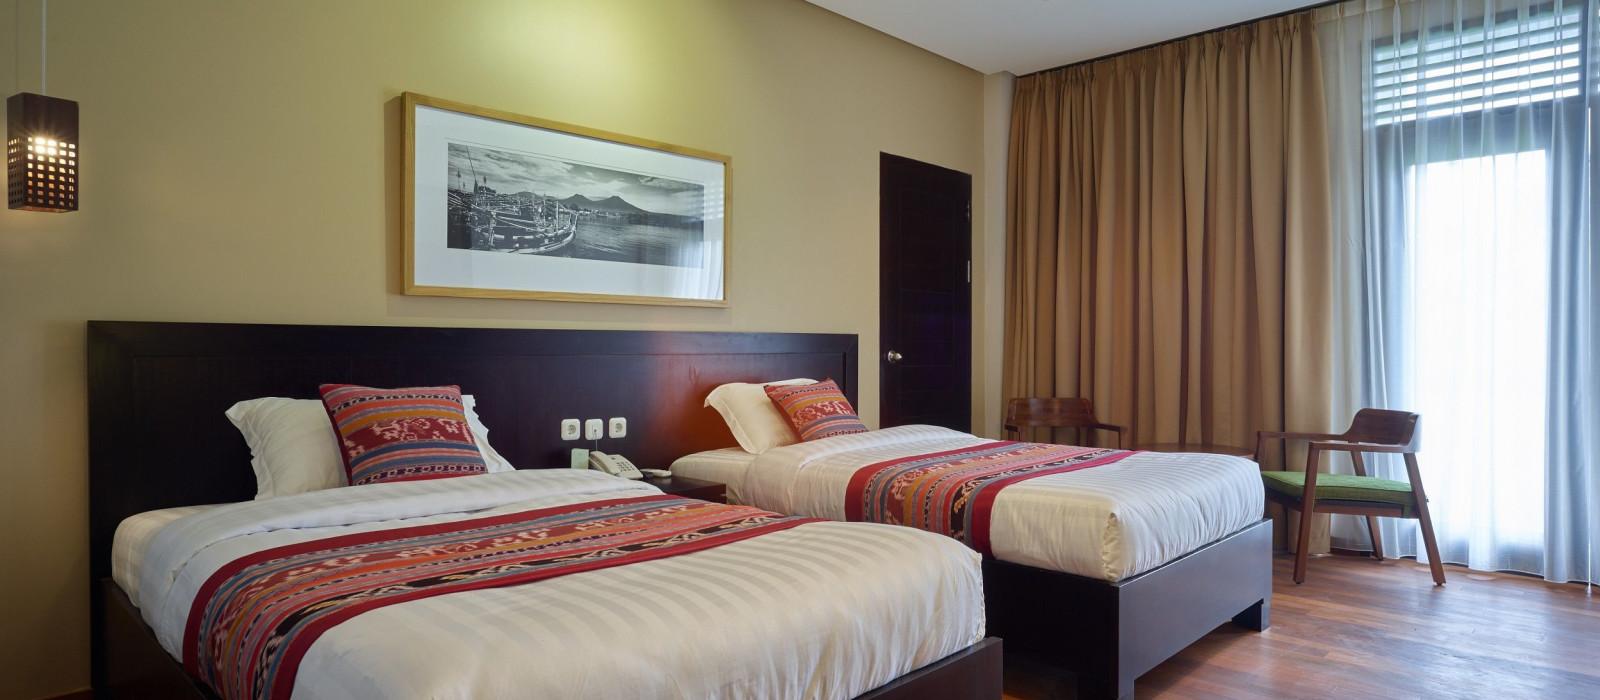 Hotel Jiwa Jawa Ijen Indonesia